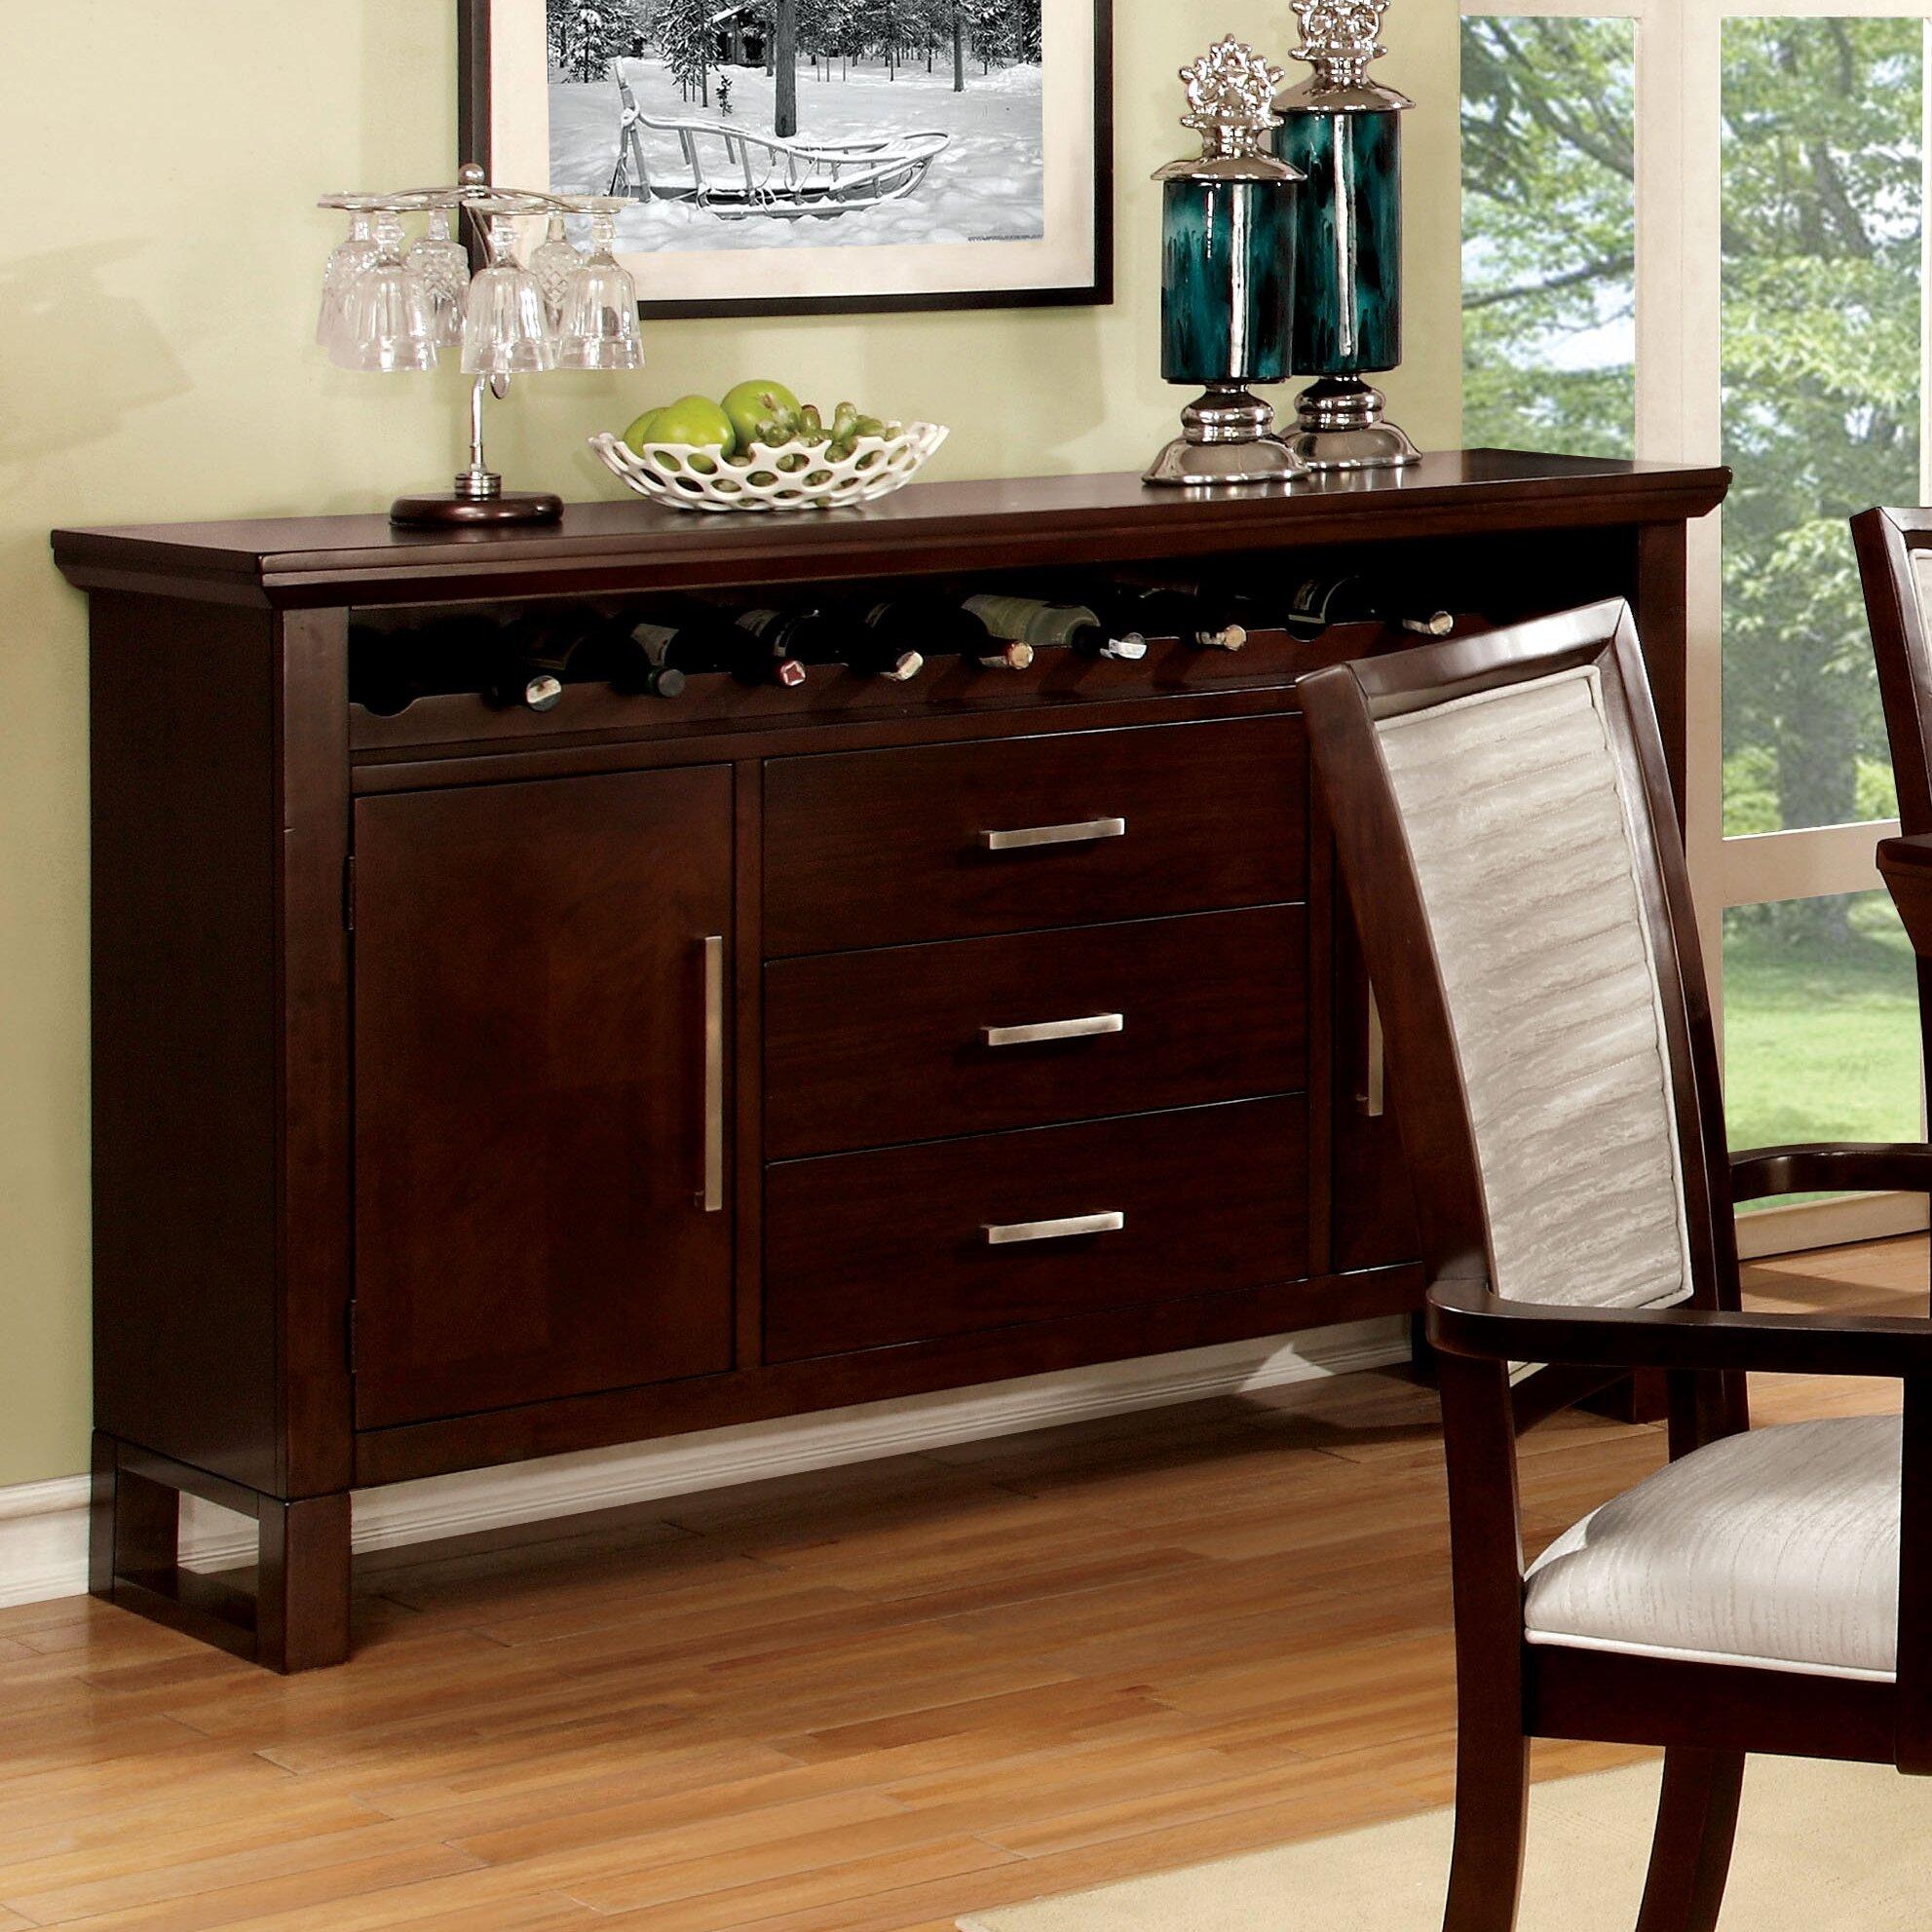 Dining Room Buffet: Hokku Designs Bisset Dining Buffet Server & Reviews